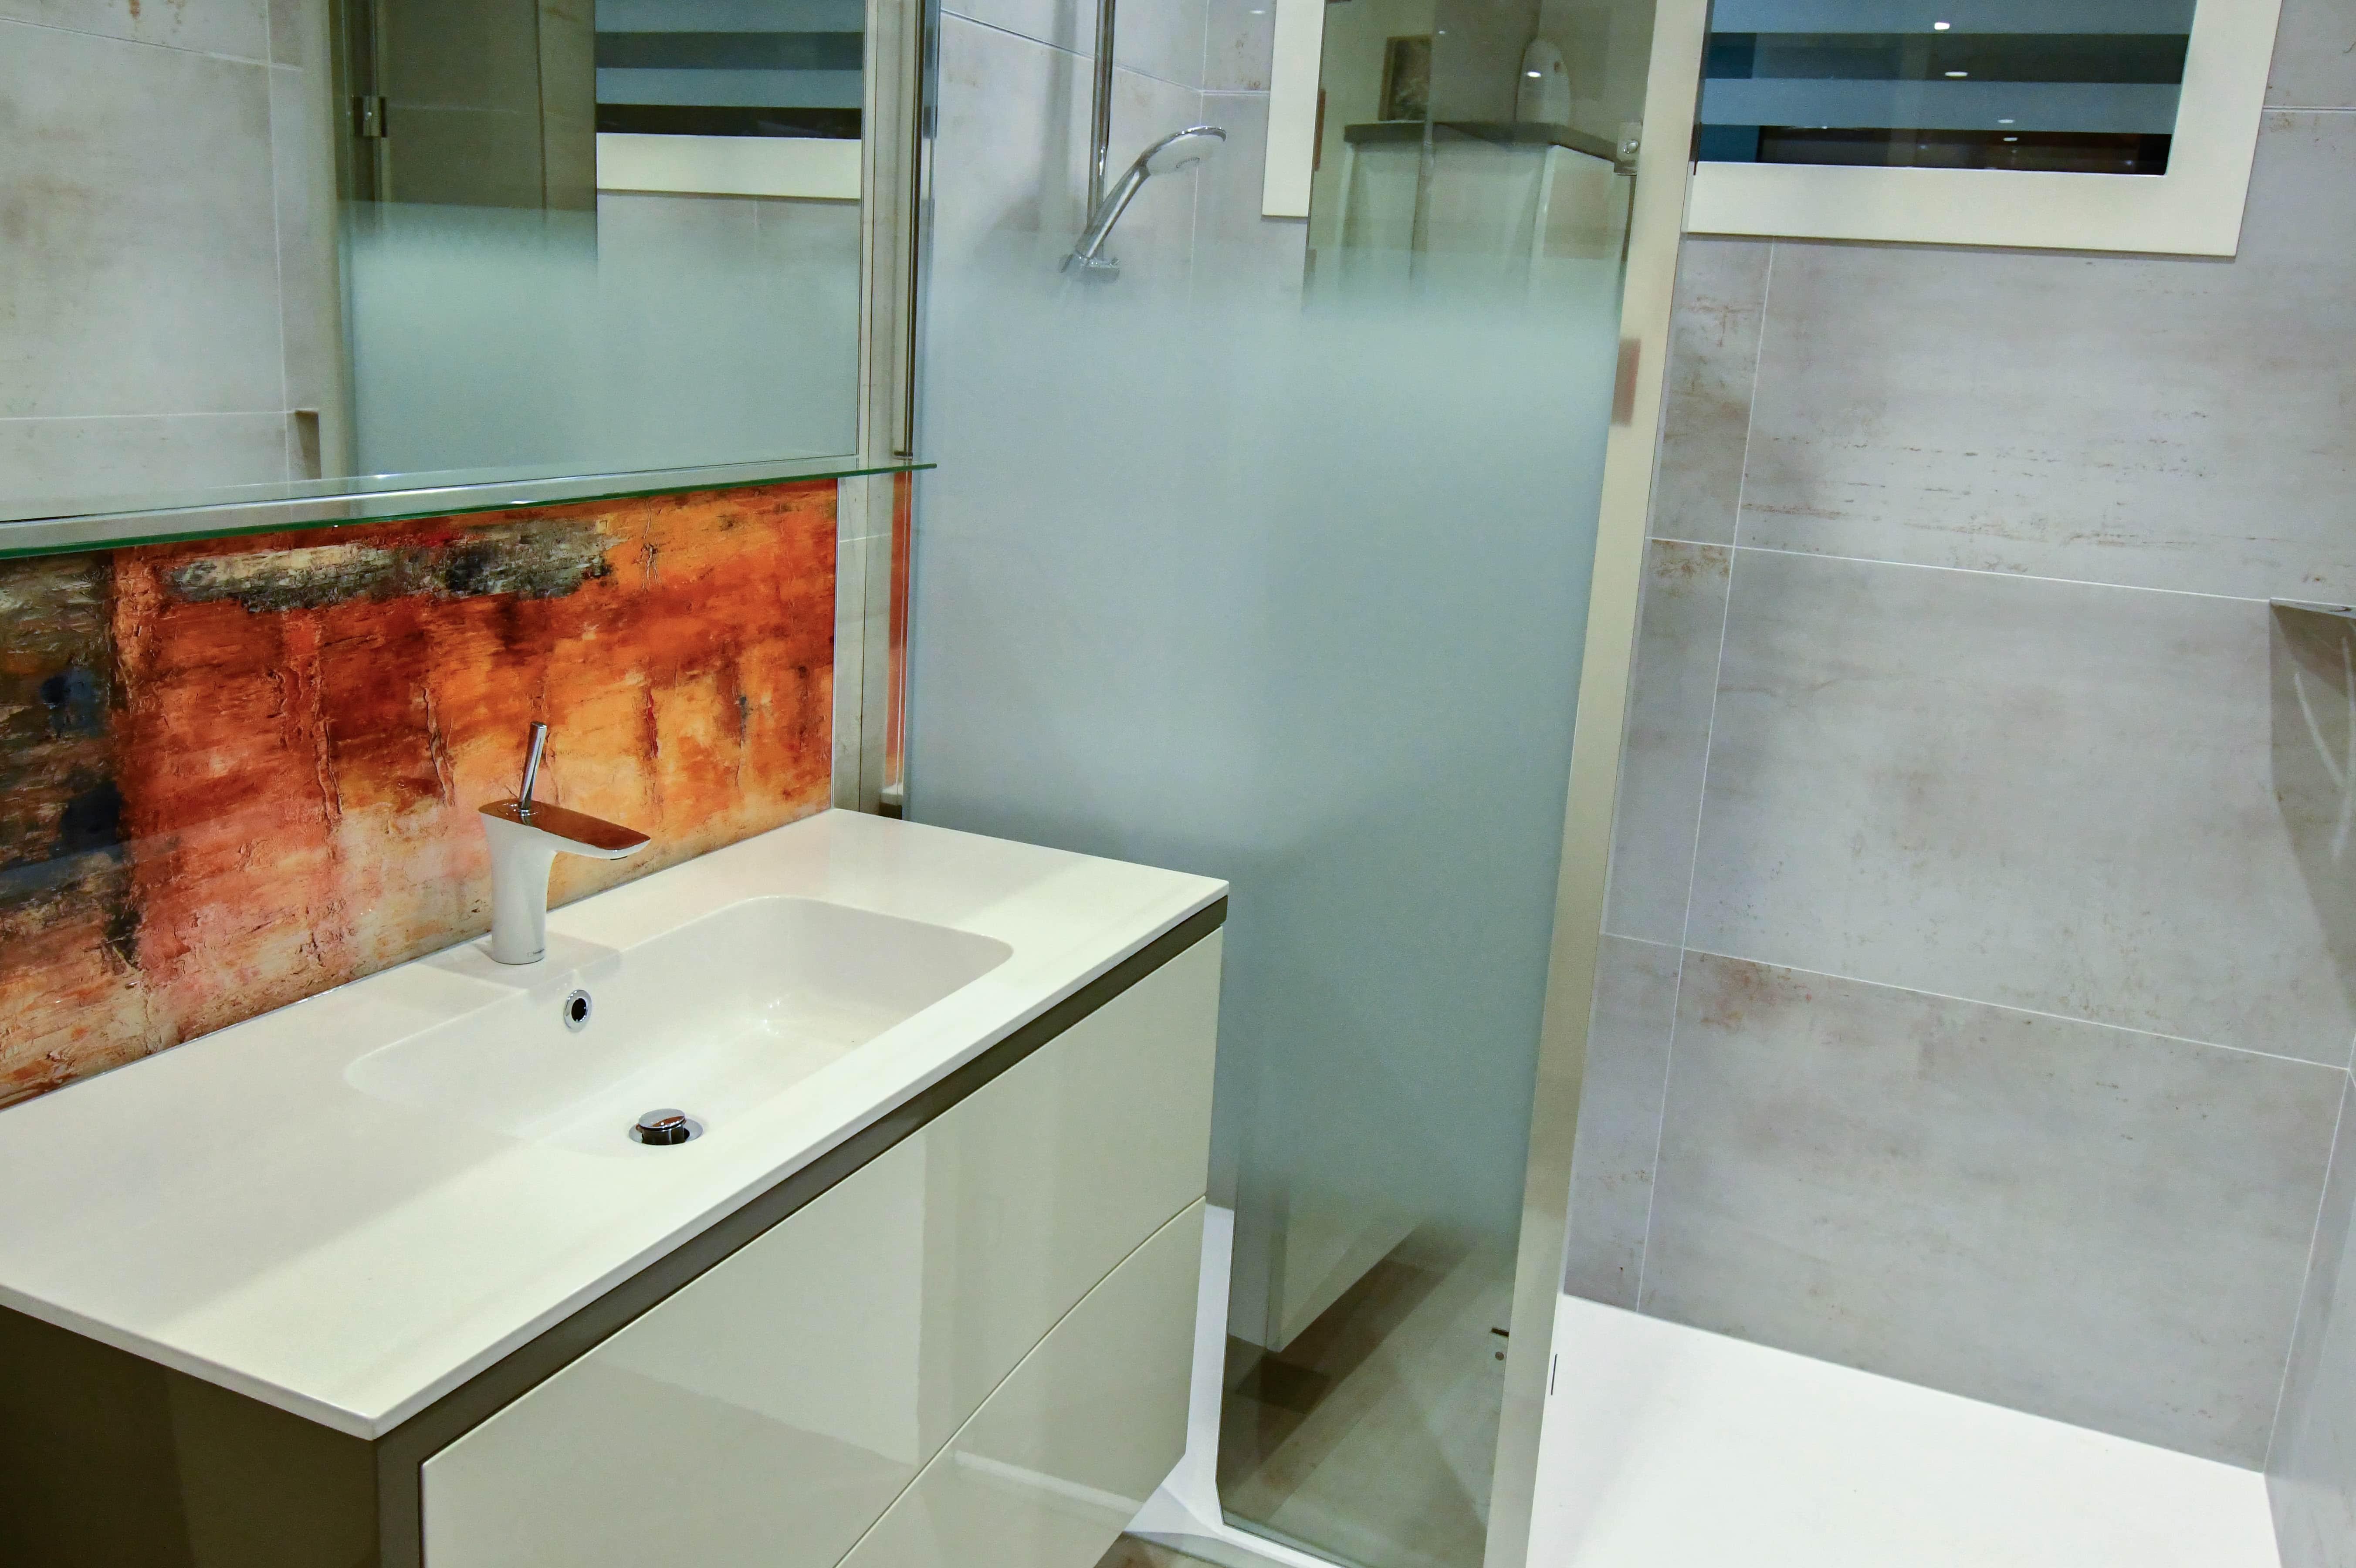 1 Salle de bains contemporaine aux lignes courbées 1 - Salle de bains contemporaine aux lignes courbées